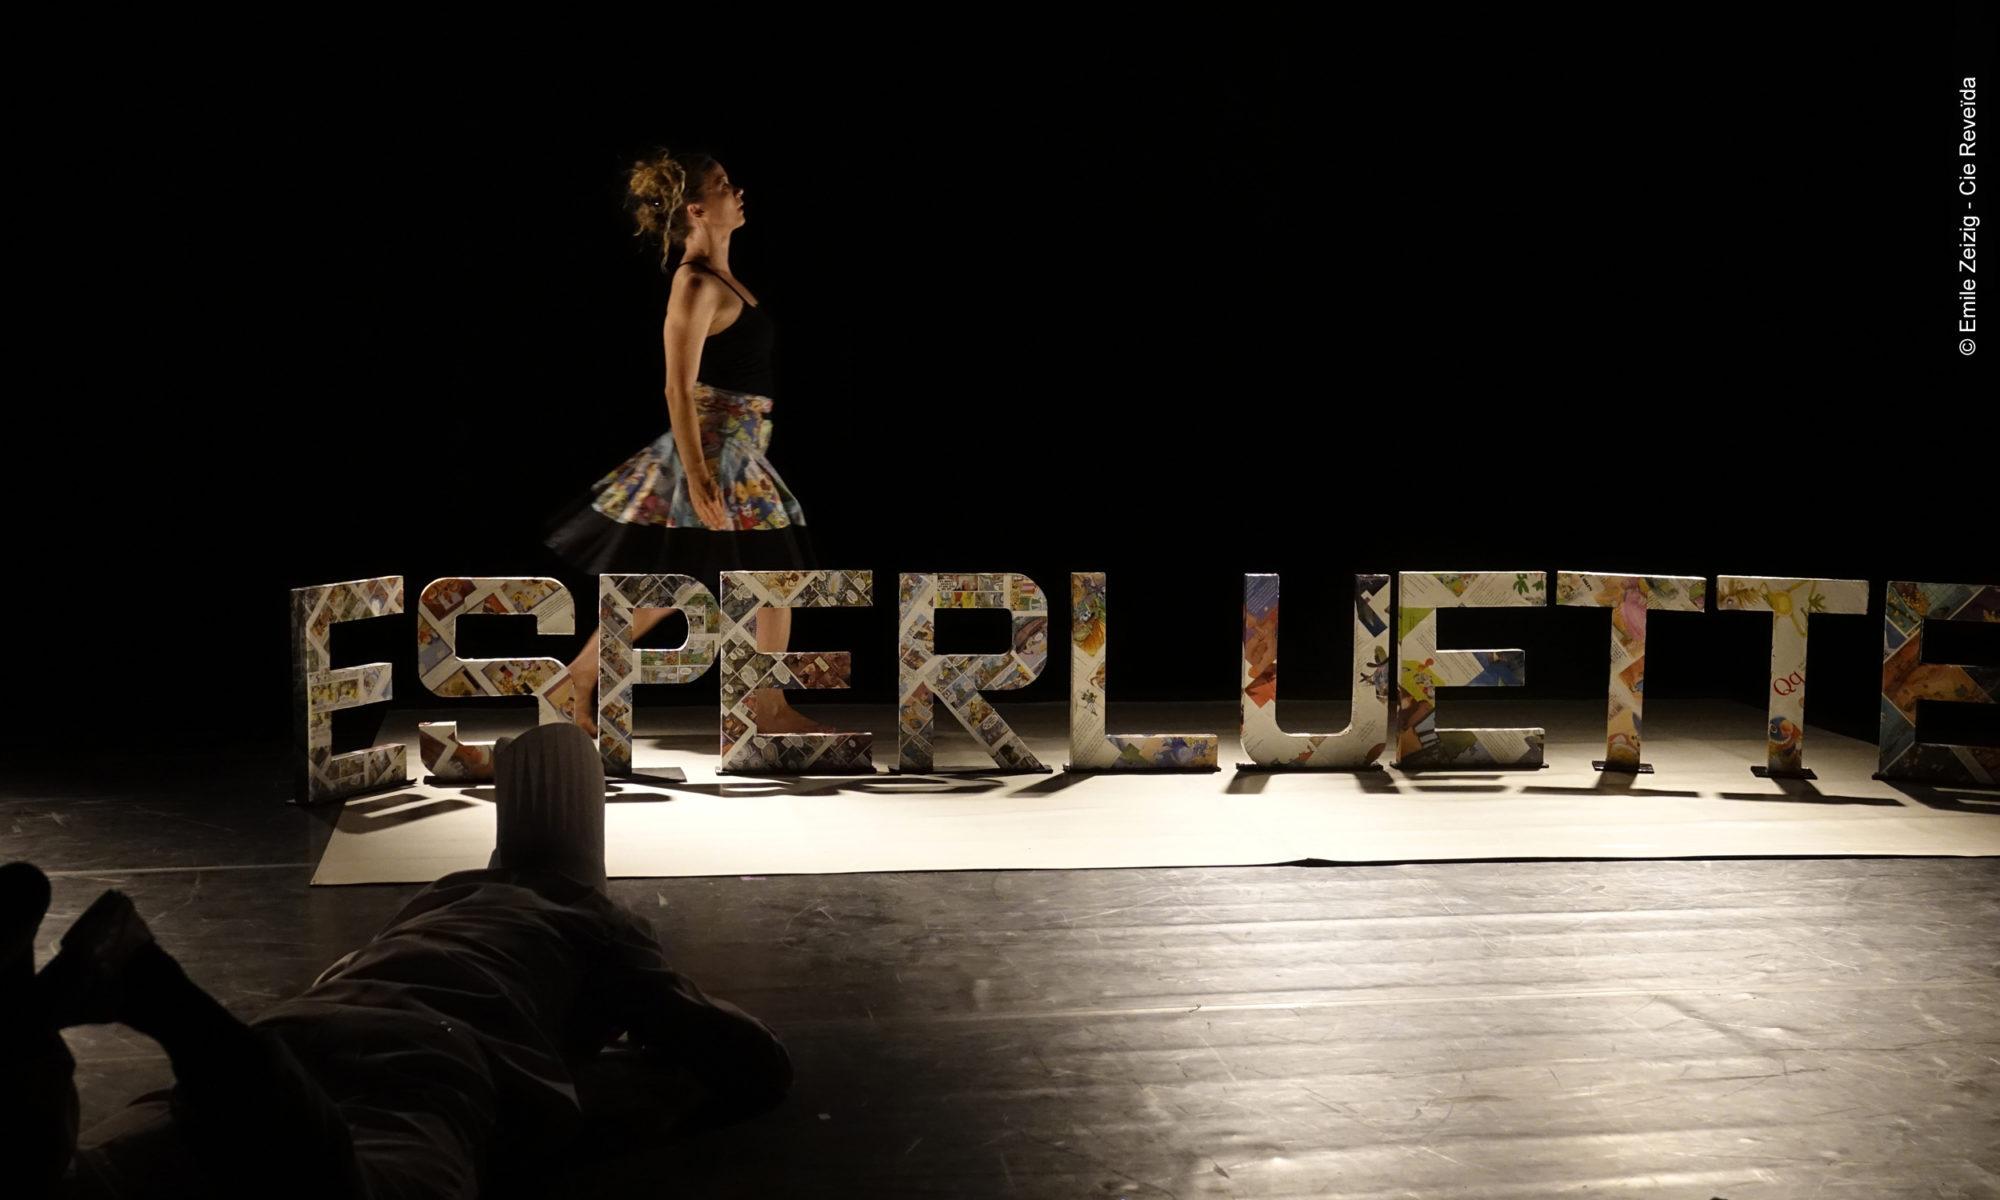 """Esperluette Danse avec la Peau des Mots - spectacle danse jeune public livres poésie - """"crédit photo Emile Zeizig - Cie Reveida tous droits réservés"""""""